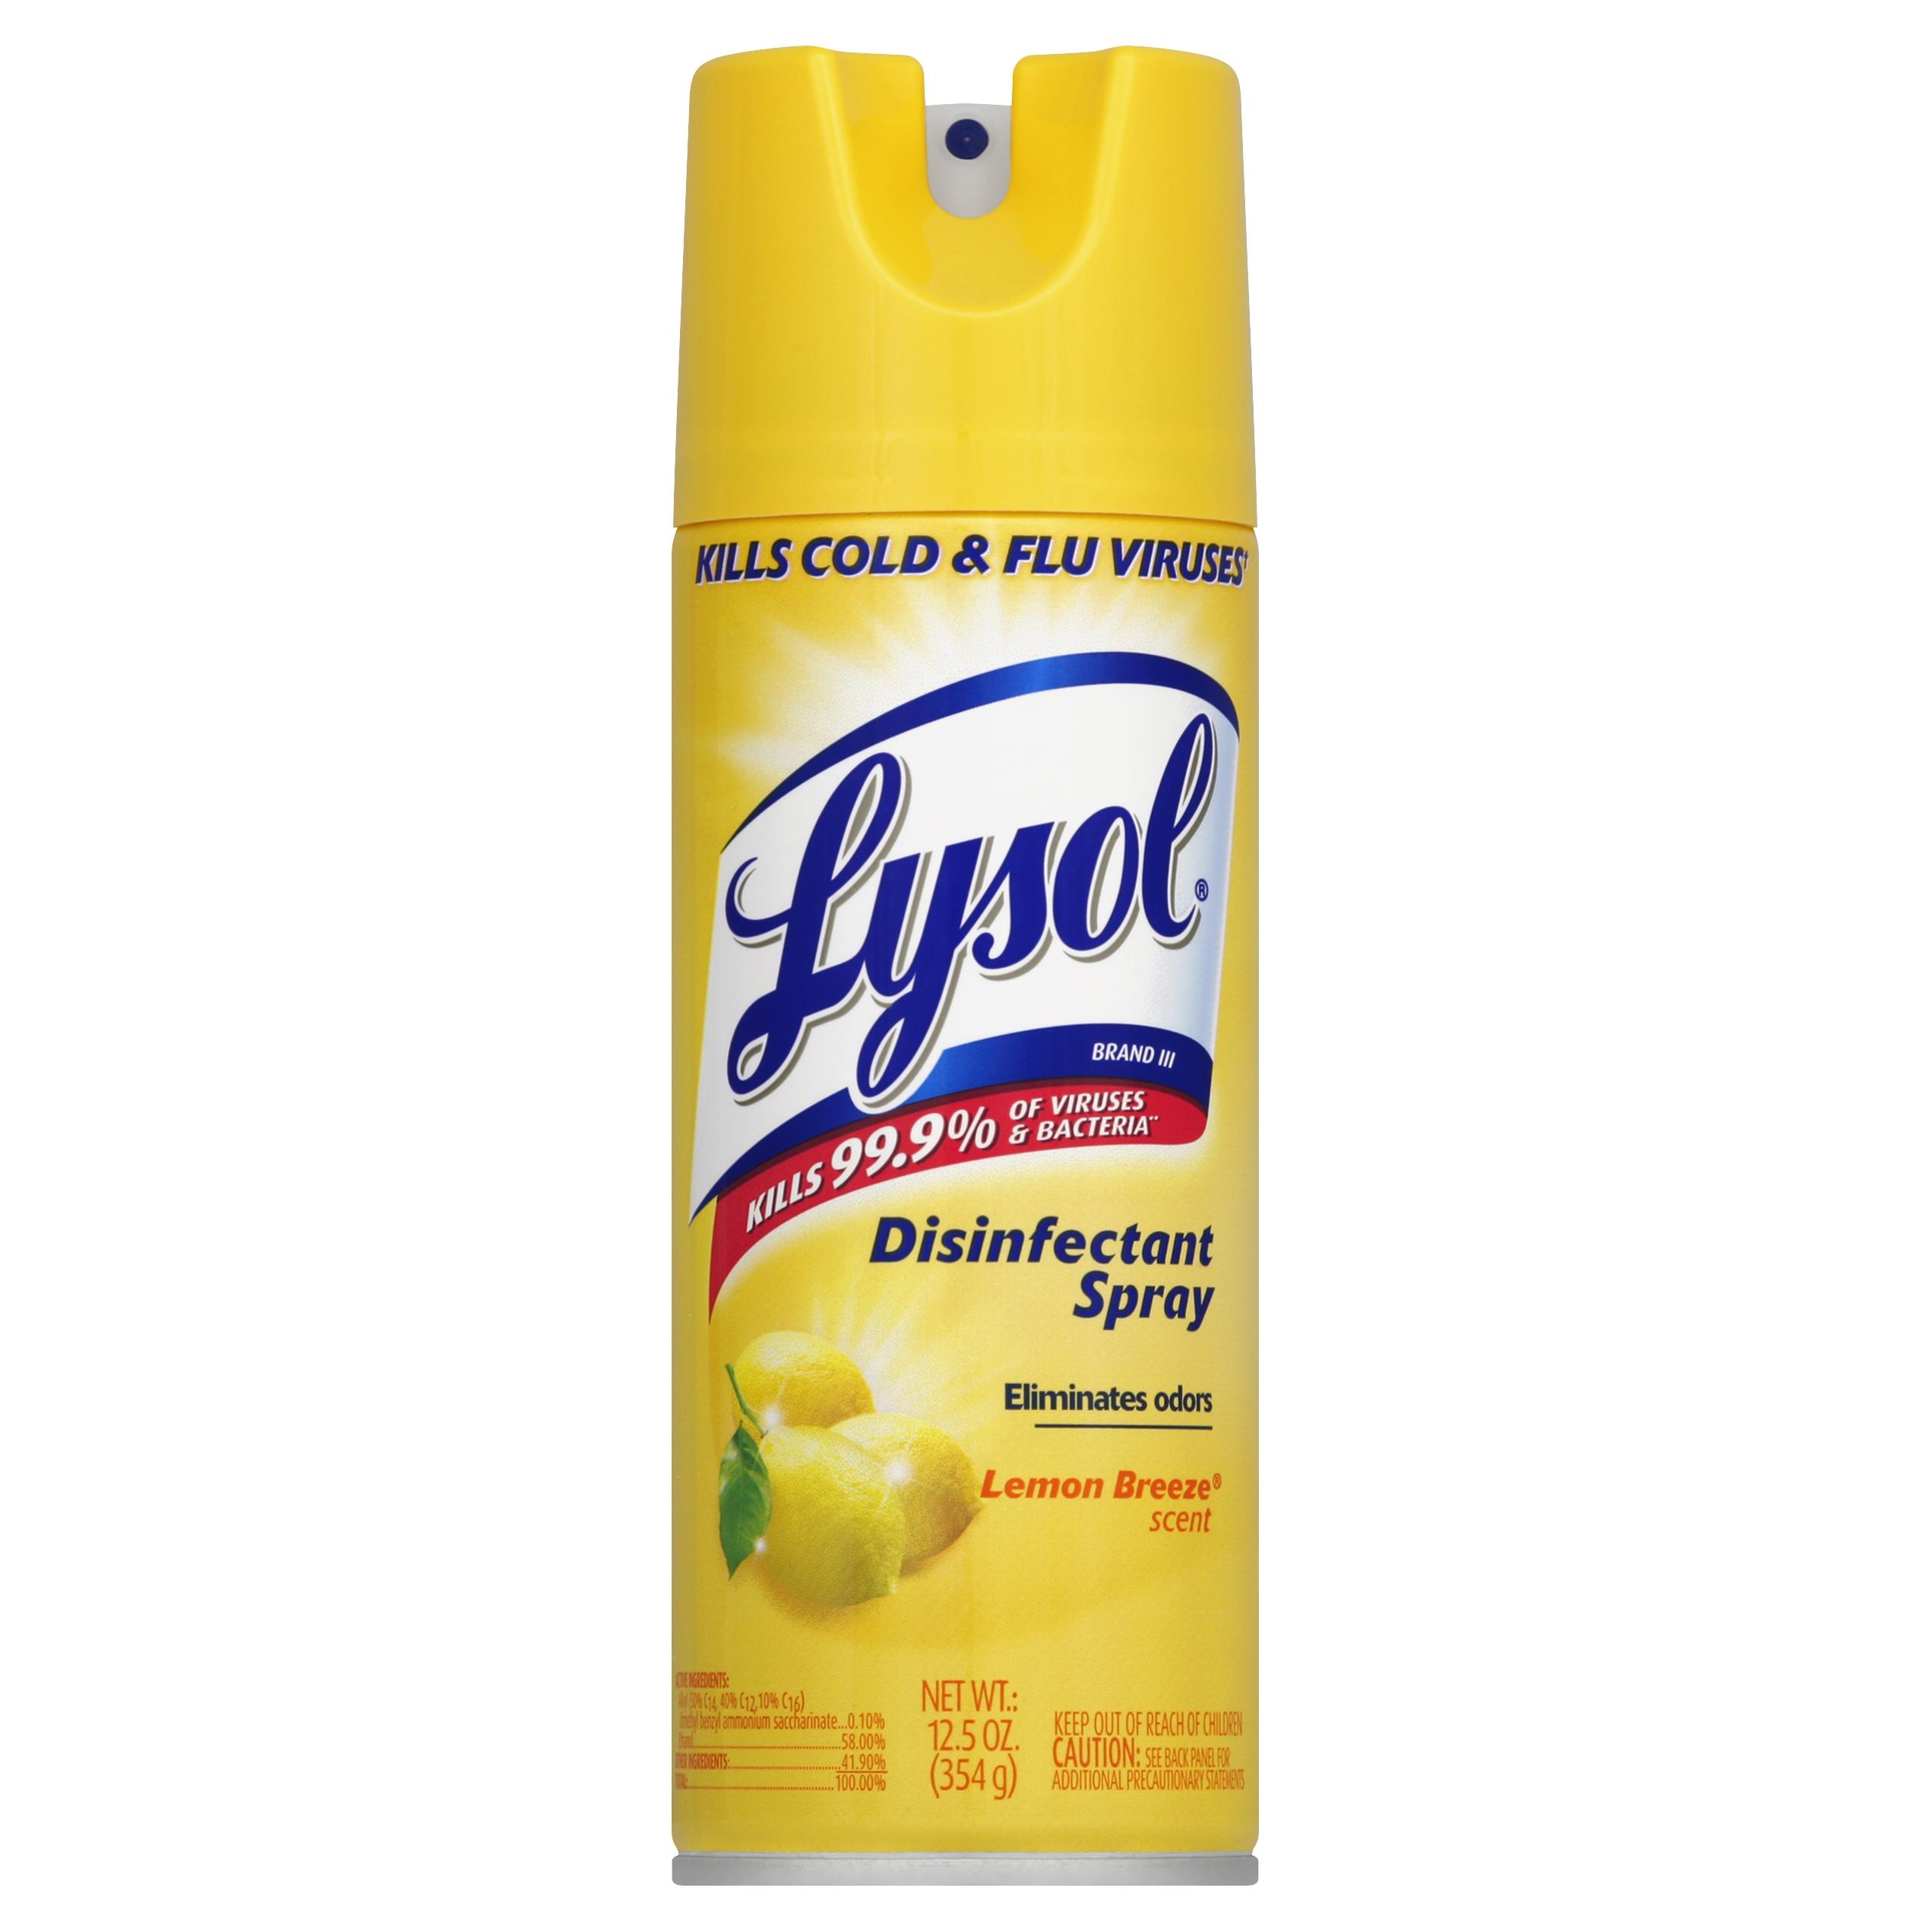 Lysol Disinfectant Spray, Lemon Breeze, 12.3 Ounce